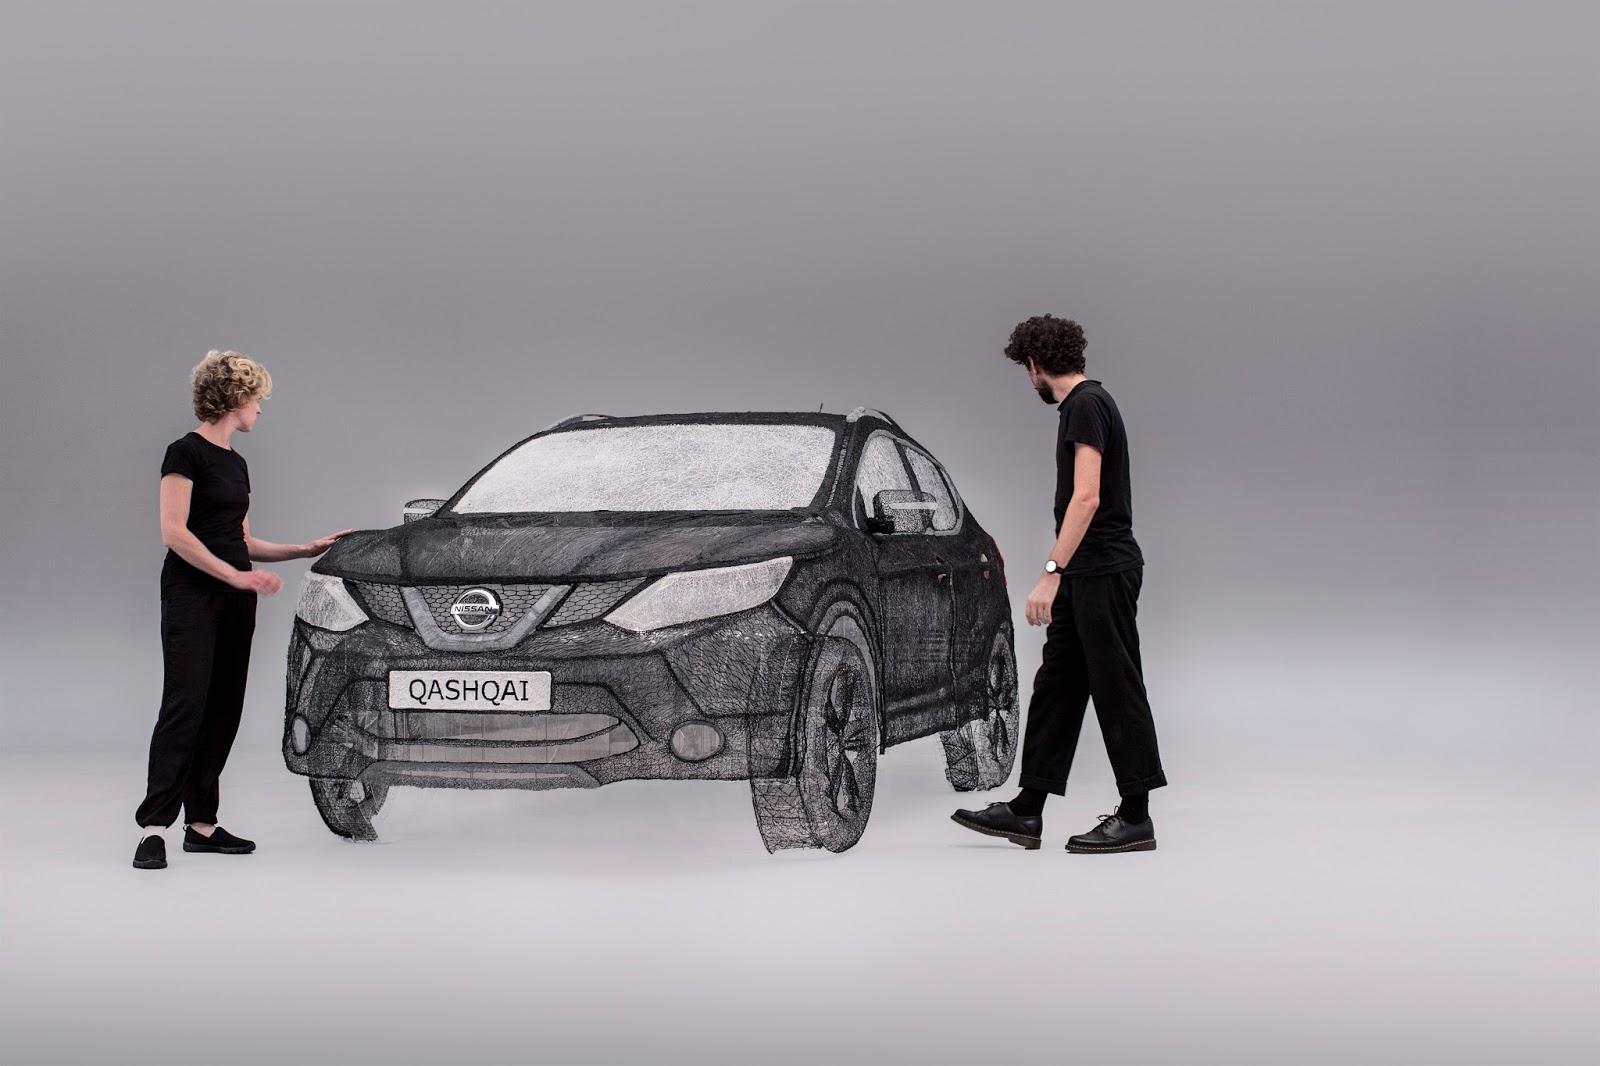 149160 1 5 Η Nissan κατασκεύασε την μεγαλύτερη τρισδιάστατη εκτύπωση στον κόσμο σε… QASHQAI ! Fun, Nissan, Nissan Qashqai, videos, Τεχνολογία